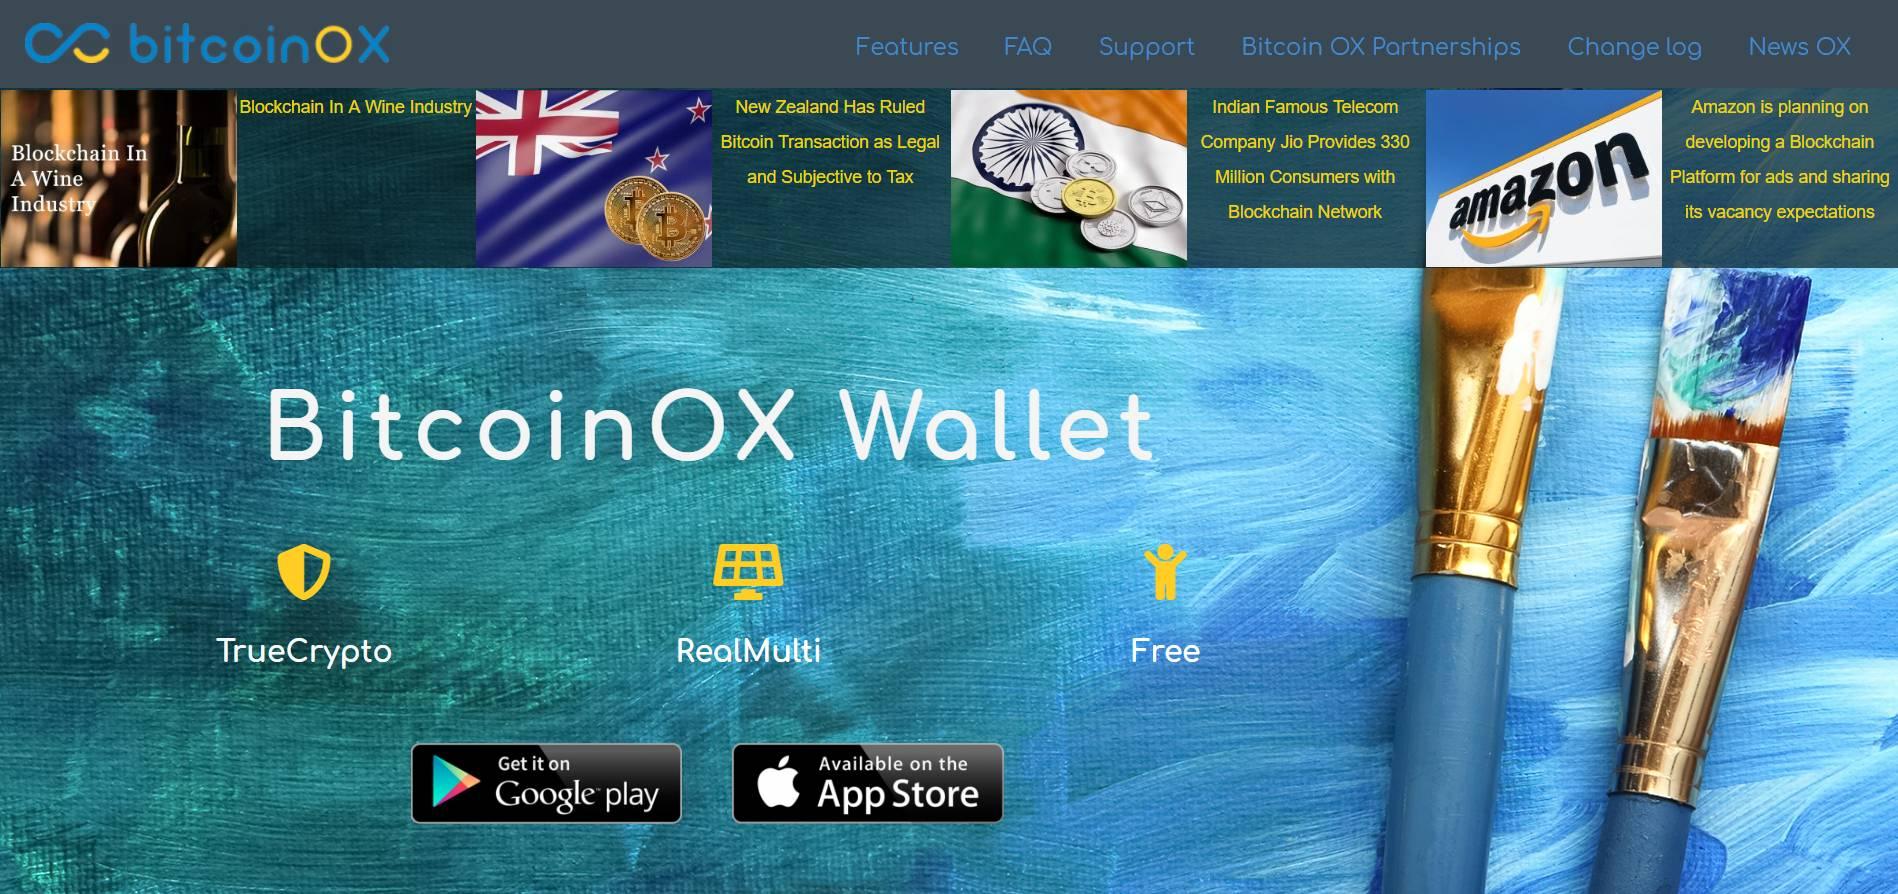 BitcoinOX